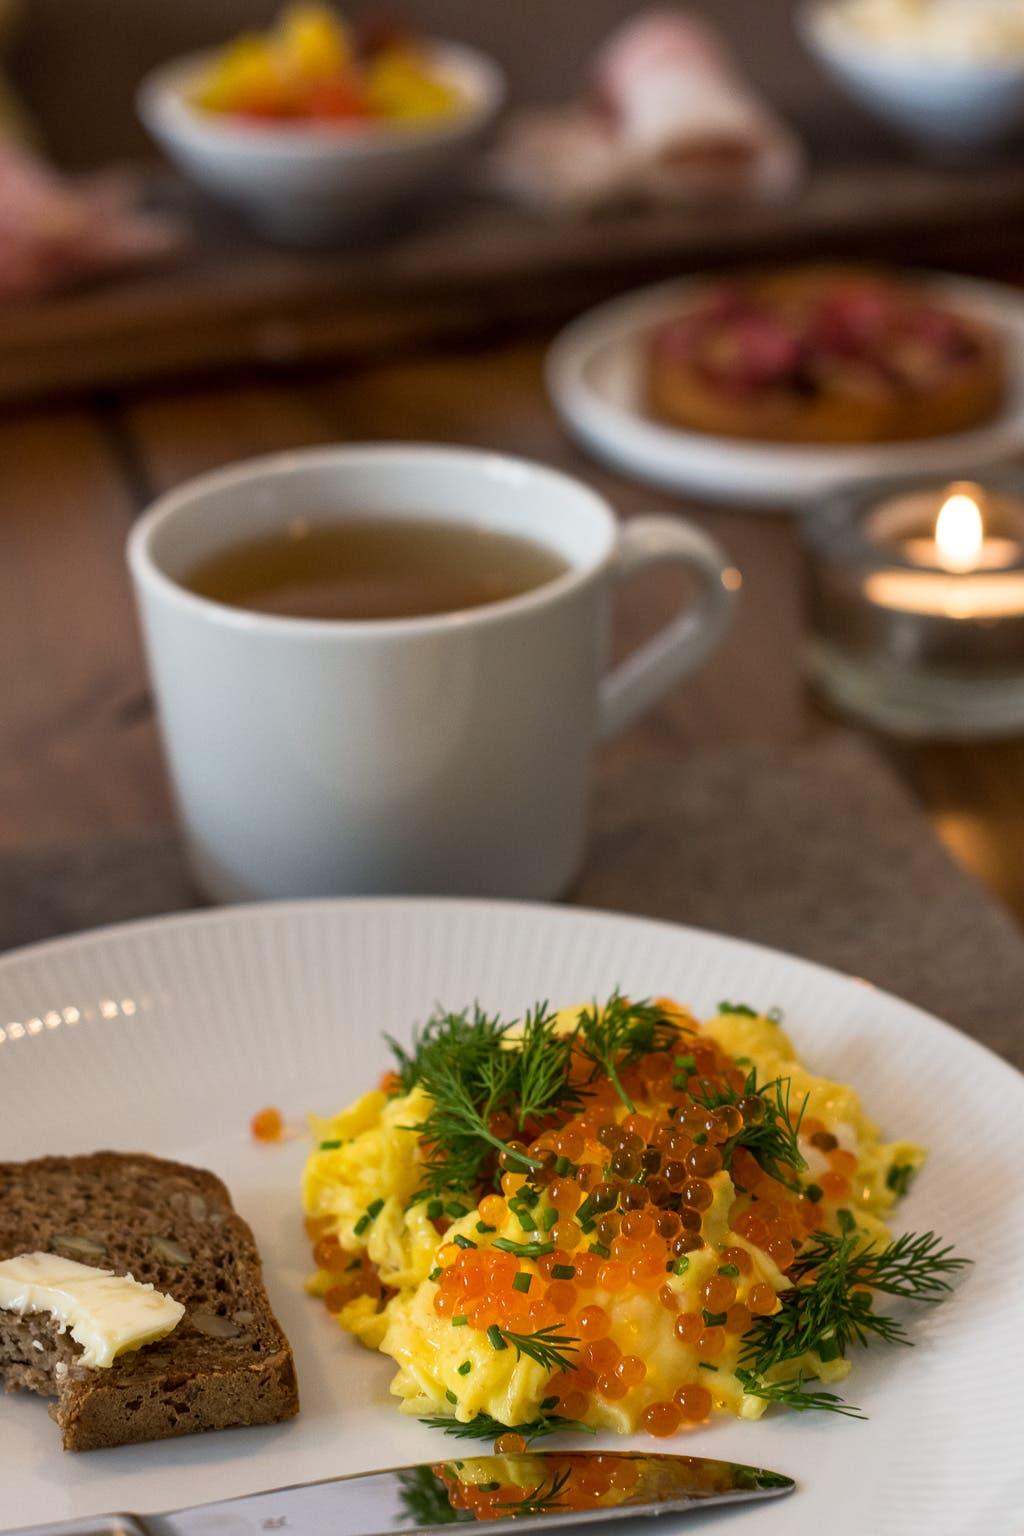 Teller mit Rührei, Fischrogen und einer Scheibe Brot vor einer Tasse Tee